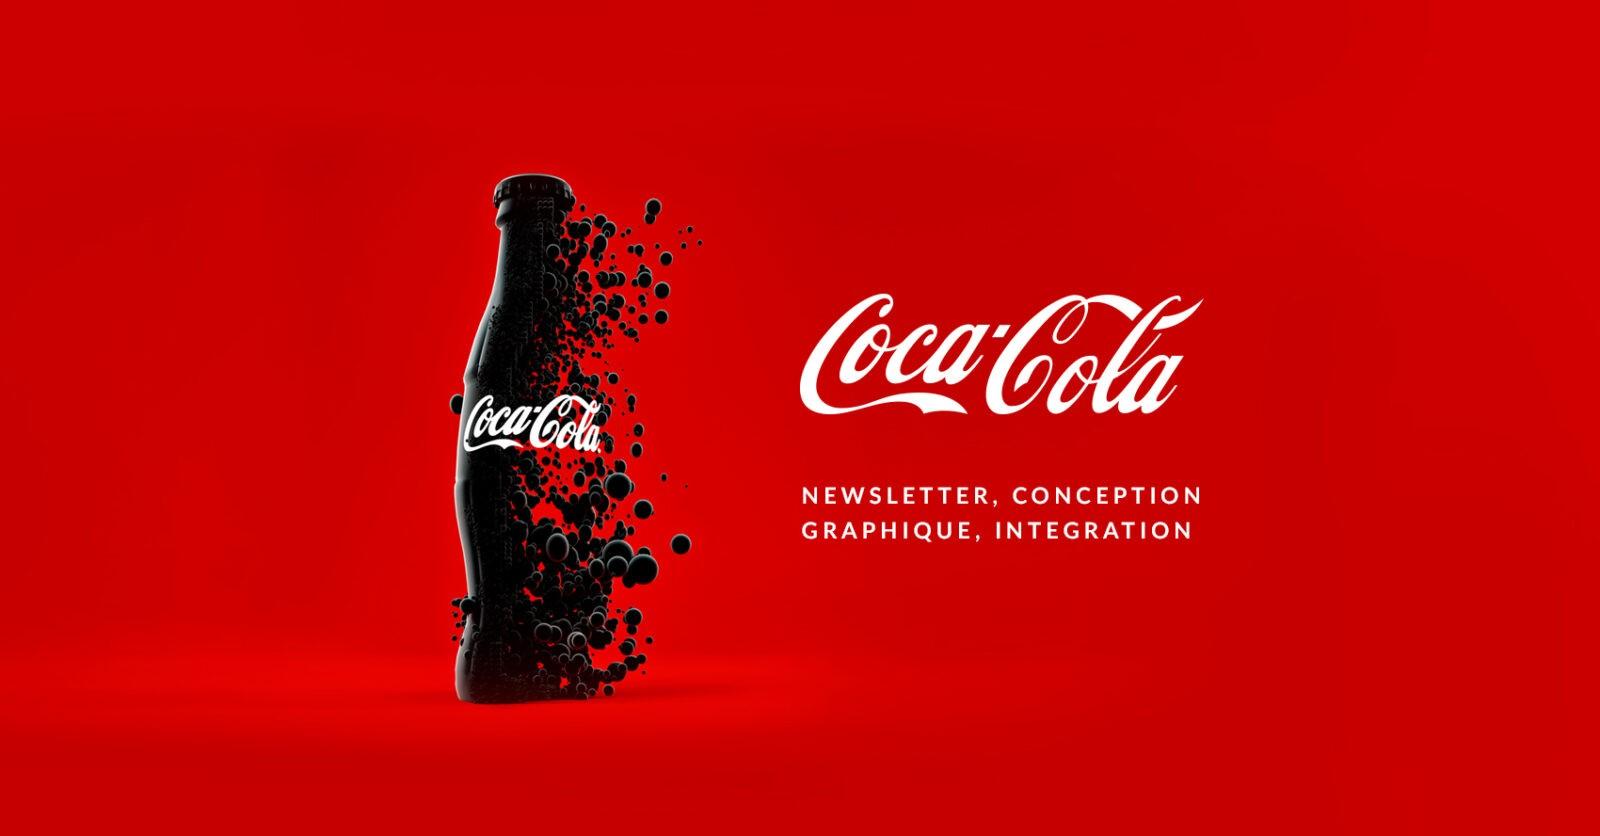 Conception graphique et E-mailing pour Coca-cola par l'agence web Majjane.